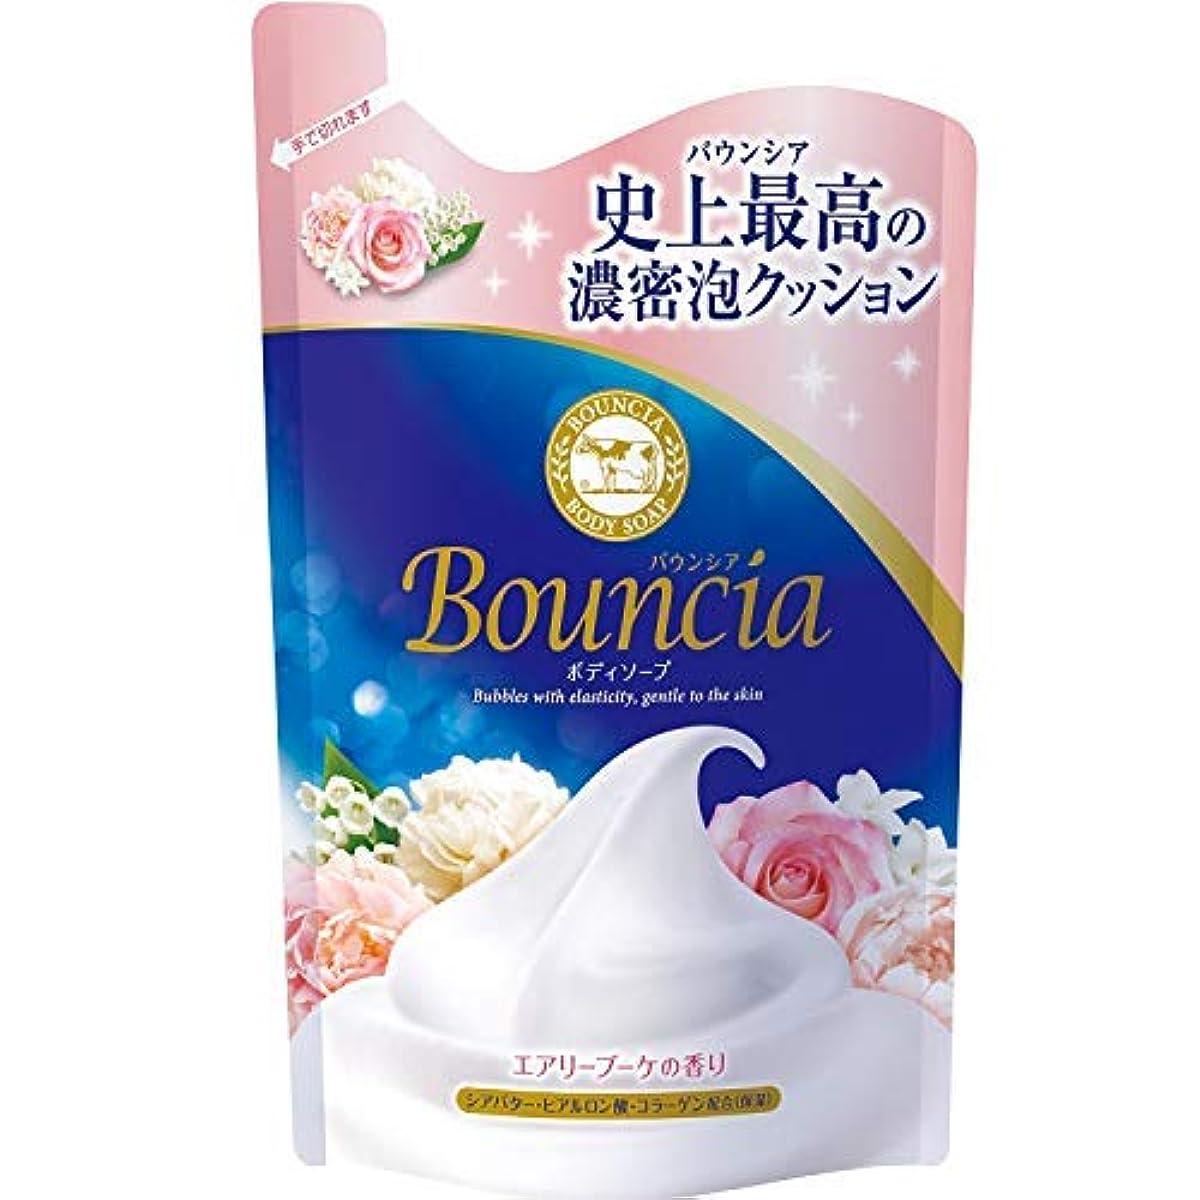 地域トピック色合いバウンシアボディソープ エアリーブーケの香り 詰替用?400mL × 3個セット